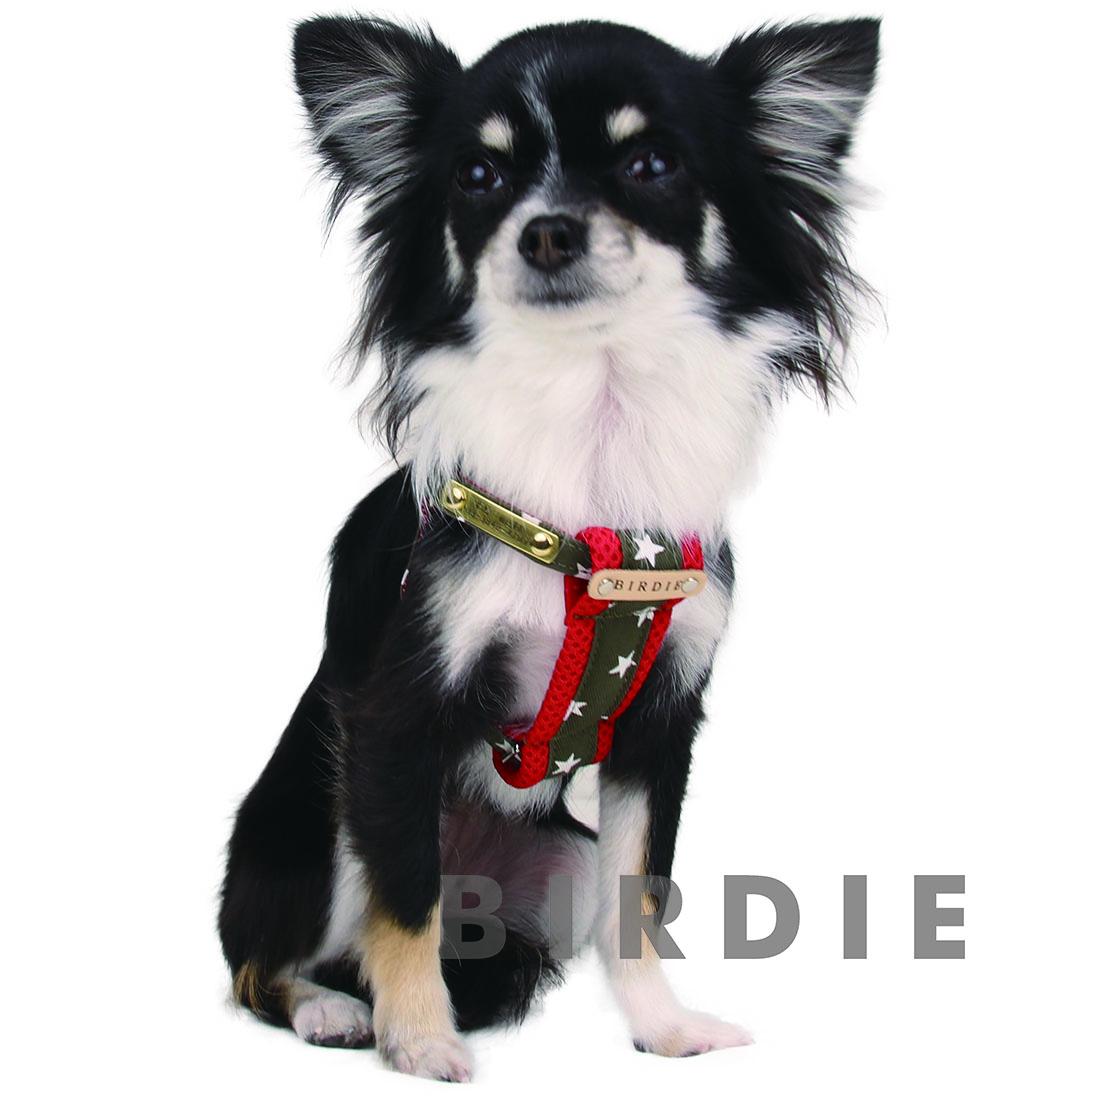 M スターデニムクッションIDハーネス【BIRDIE小型犬迷子防止ワンタッチバックル胴輪】